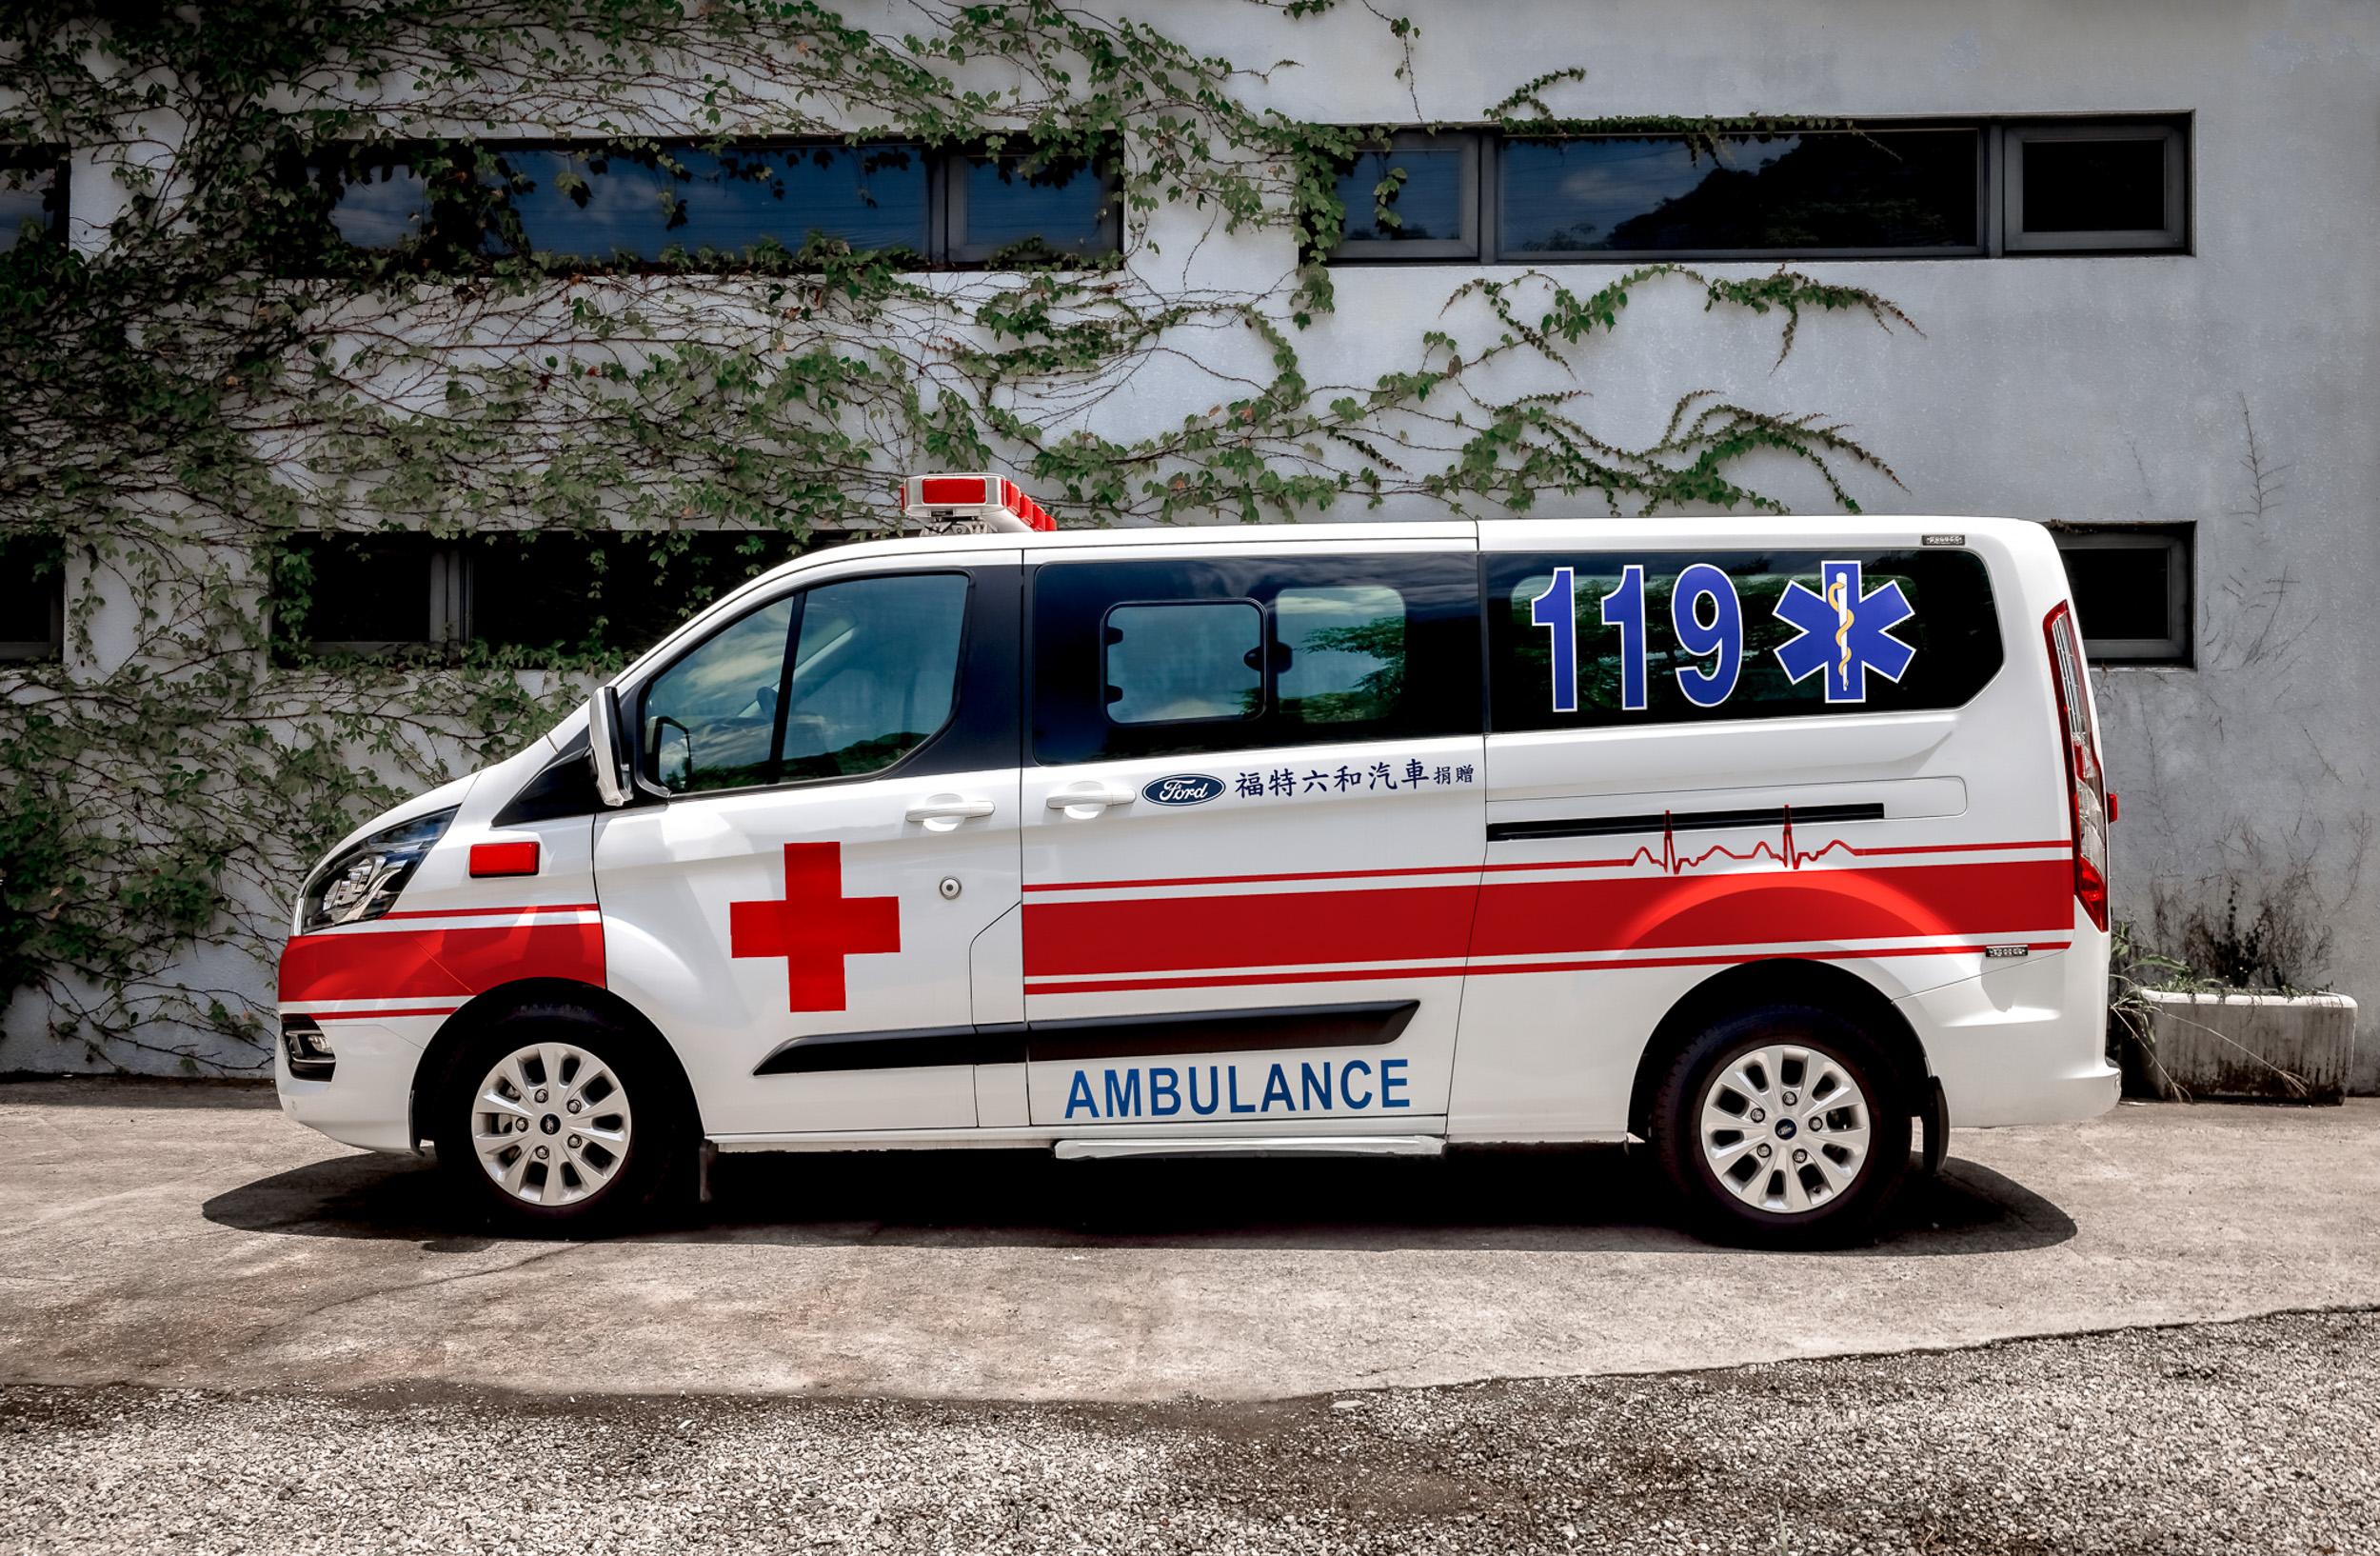 Ford 以旗下福特旅行家廂型車款緊急打造出 2 輛有移動的 N95 口罩之稱,具負壓式隔離床艙的救護車,使其能在最短時間內投入抗疫服務。